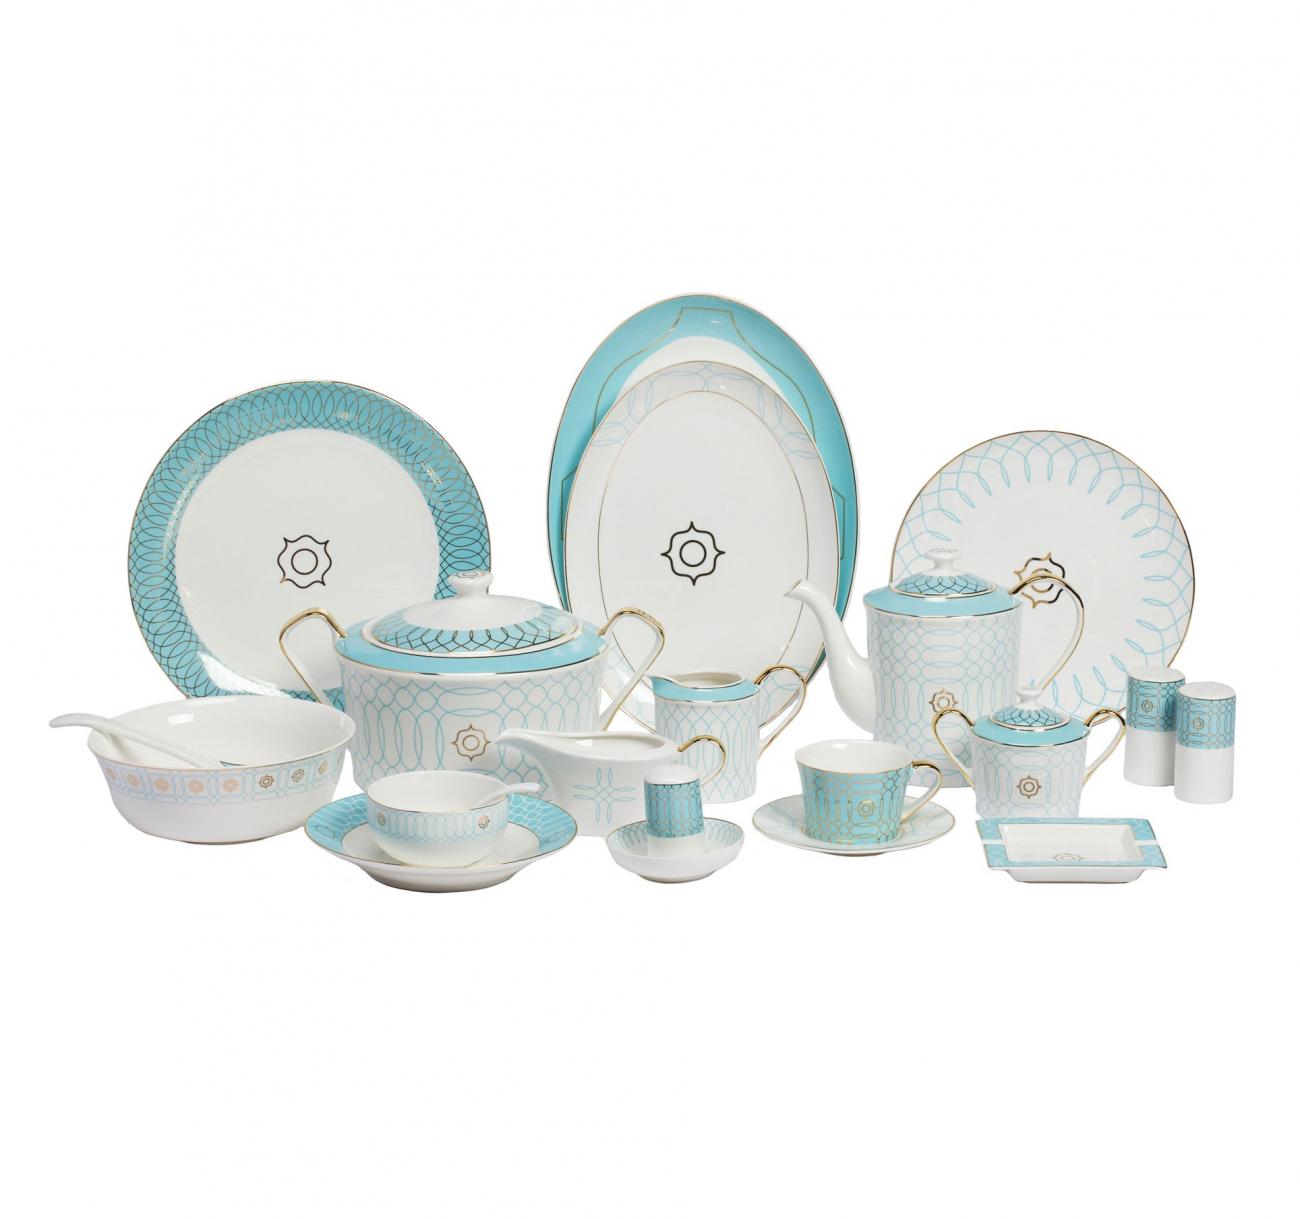 Купить Столовый сервиз Turquoise Veil в интернет магазине дизайнерской мебели и аксессуаров для дома и дачи